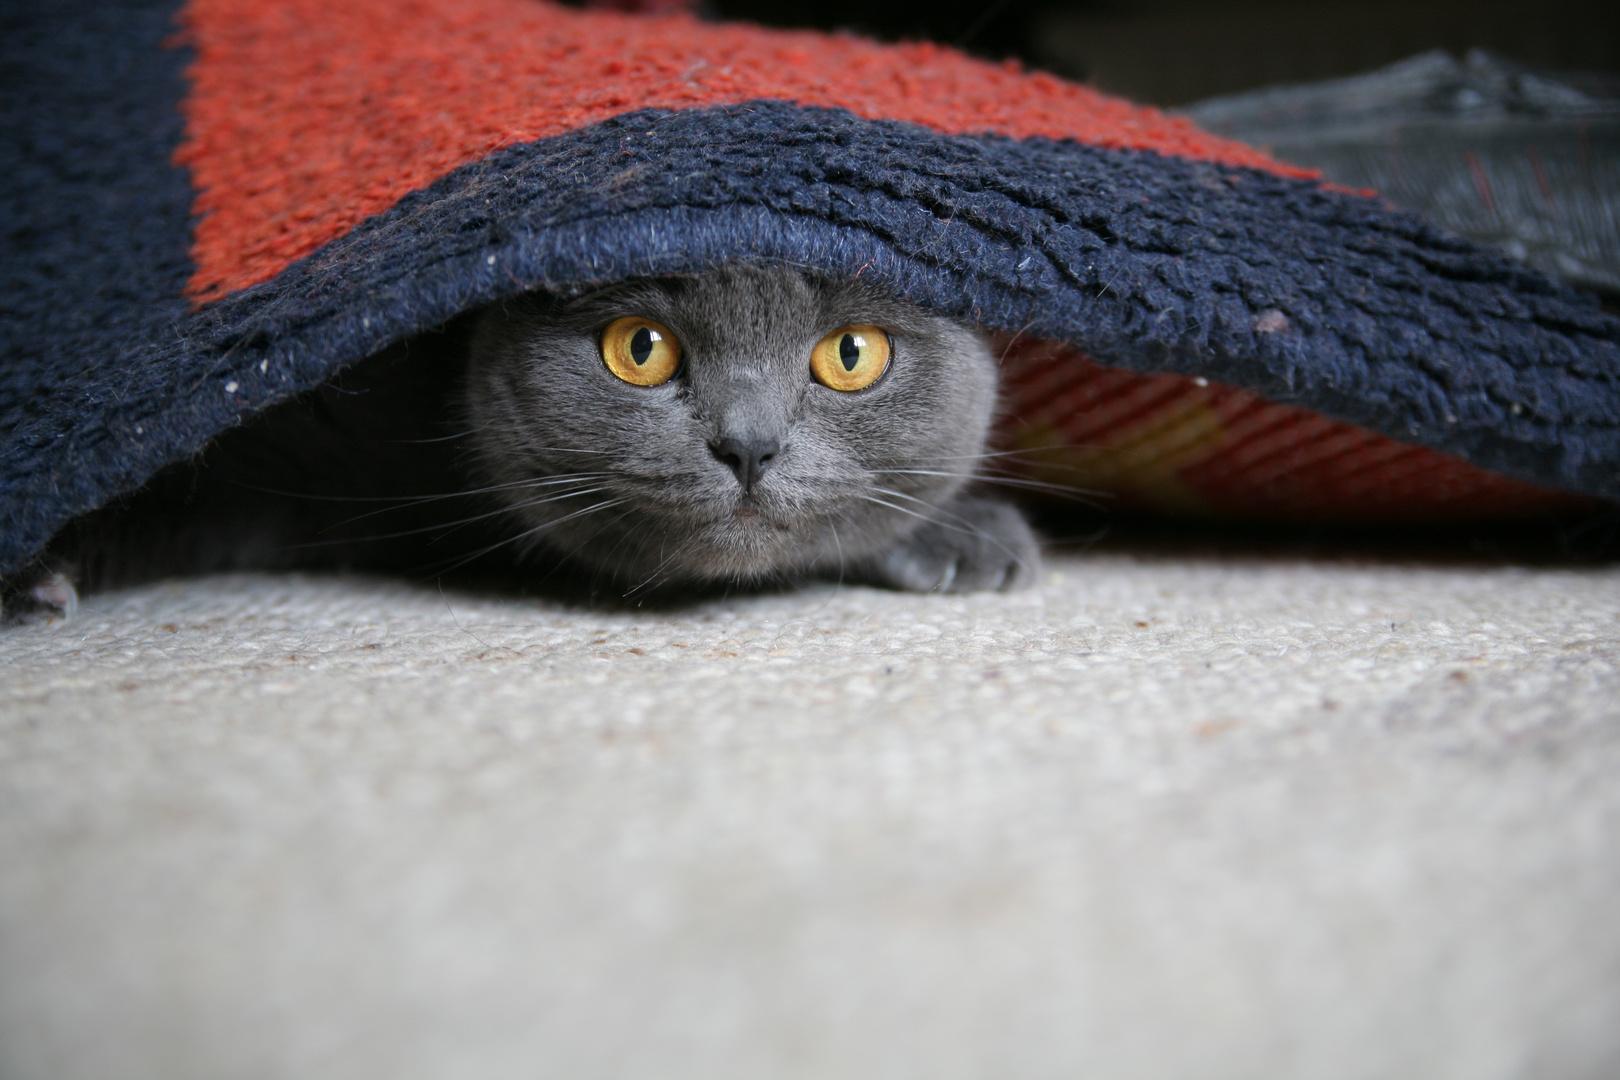 Versteckt? Entdeckt!